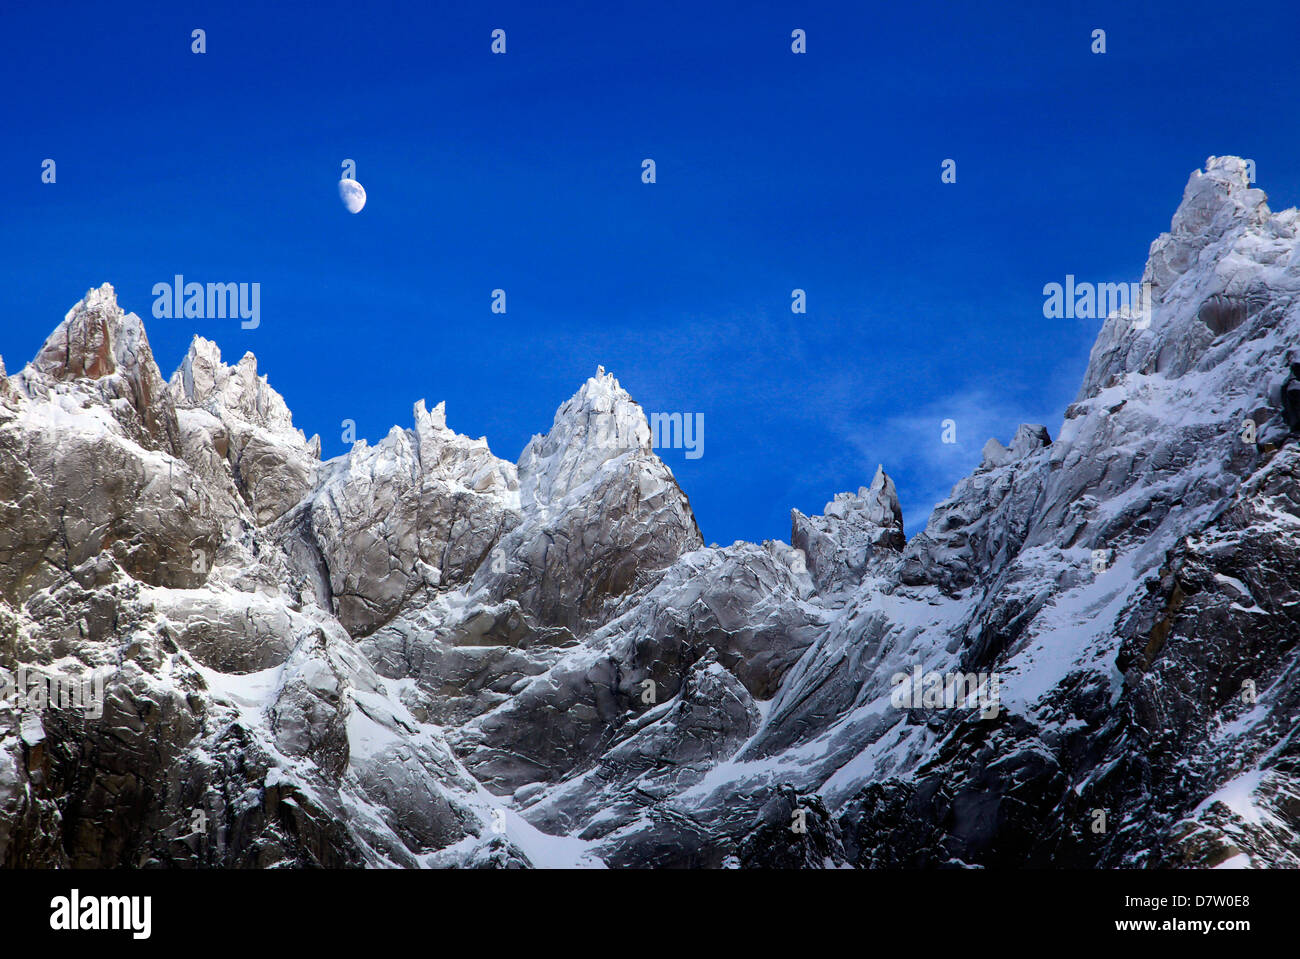 Die Aiguille du Midi nach drei Tagen Schneefall, Mont Blanc, Französische Alpen, Frankreich Stockbild